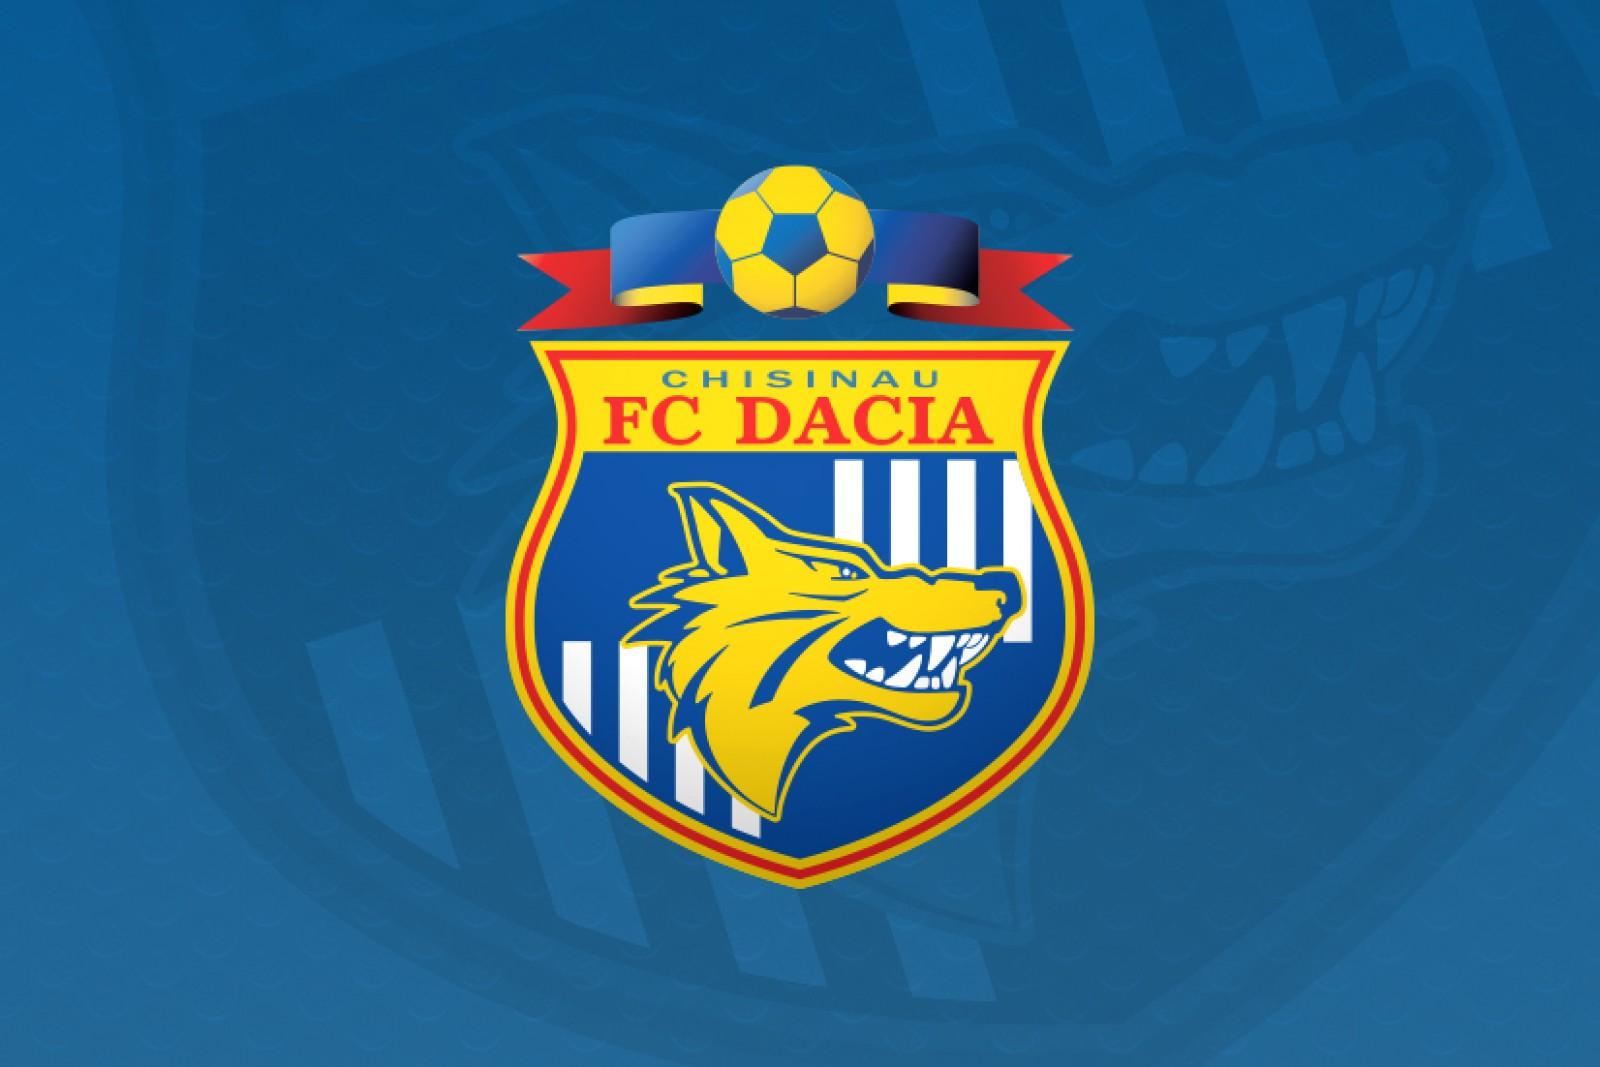 Șoc în fotbalul moldovenesc: FC Dacia nu va participa în noua ediție a Diviziei Naționale